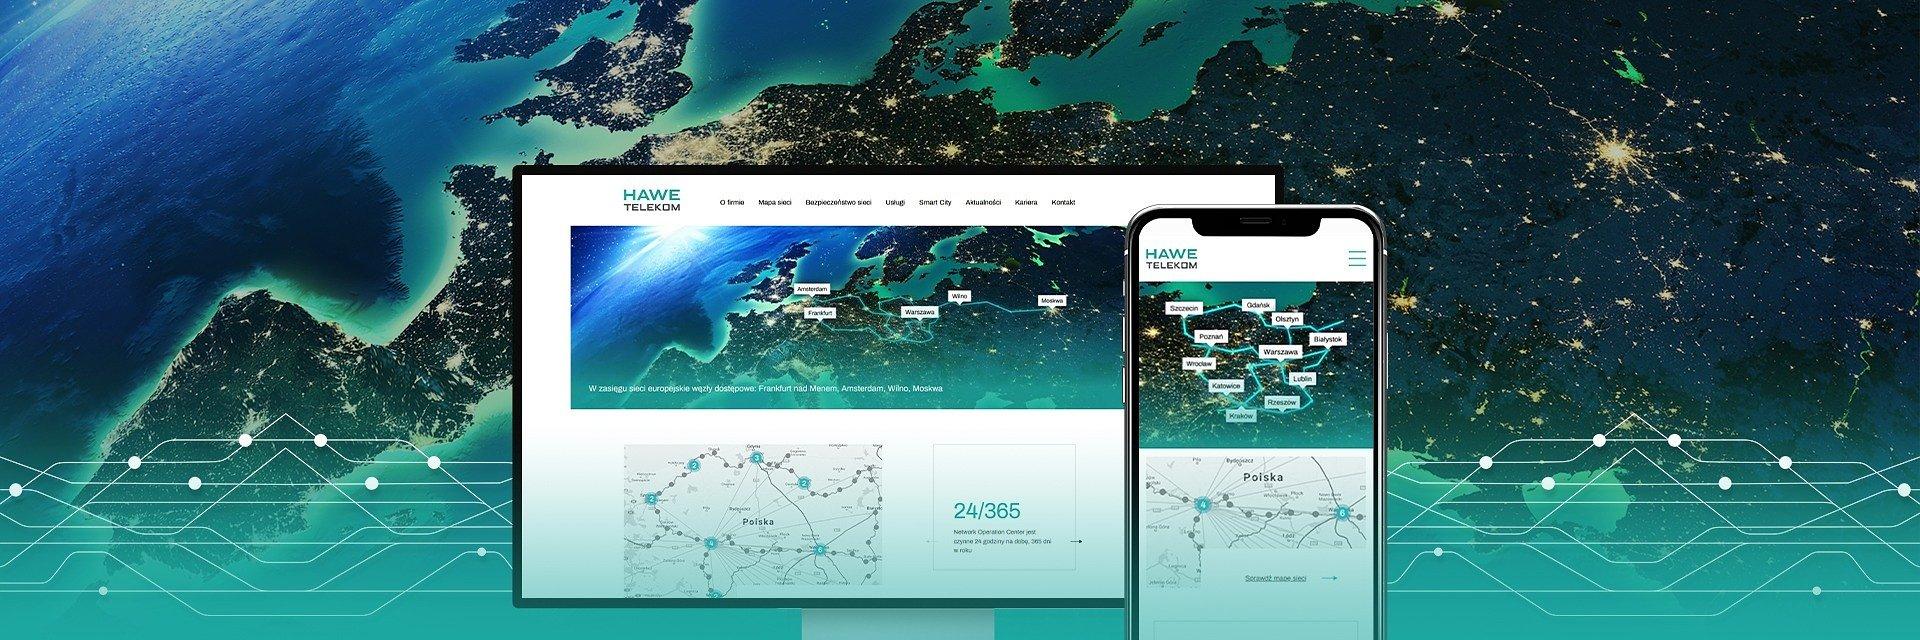 Hawe Telekom rebranding